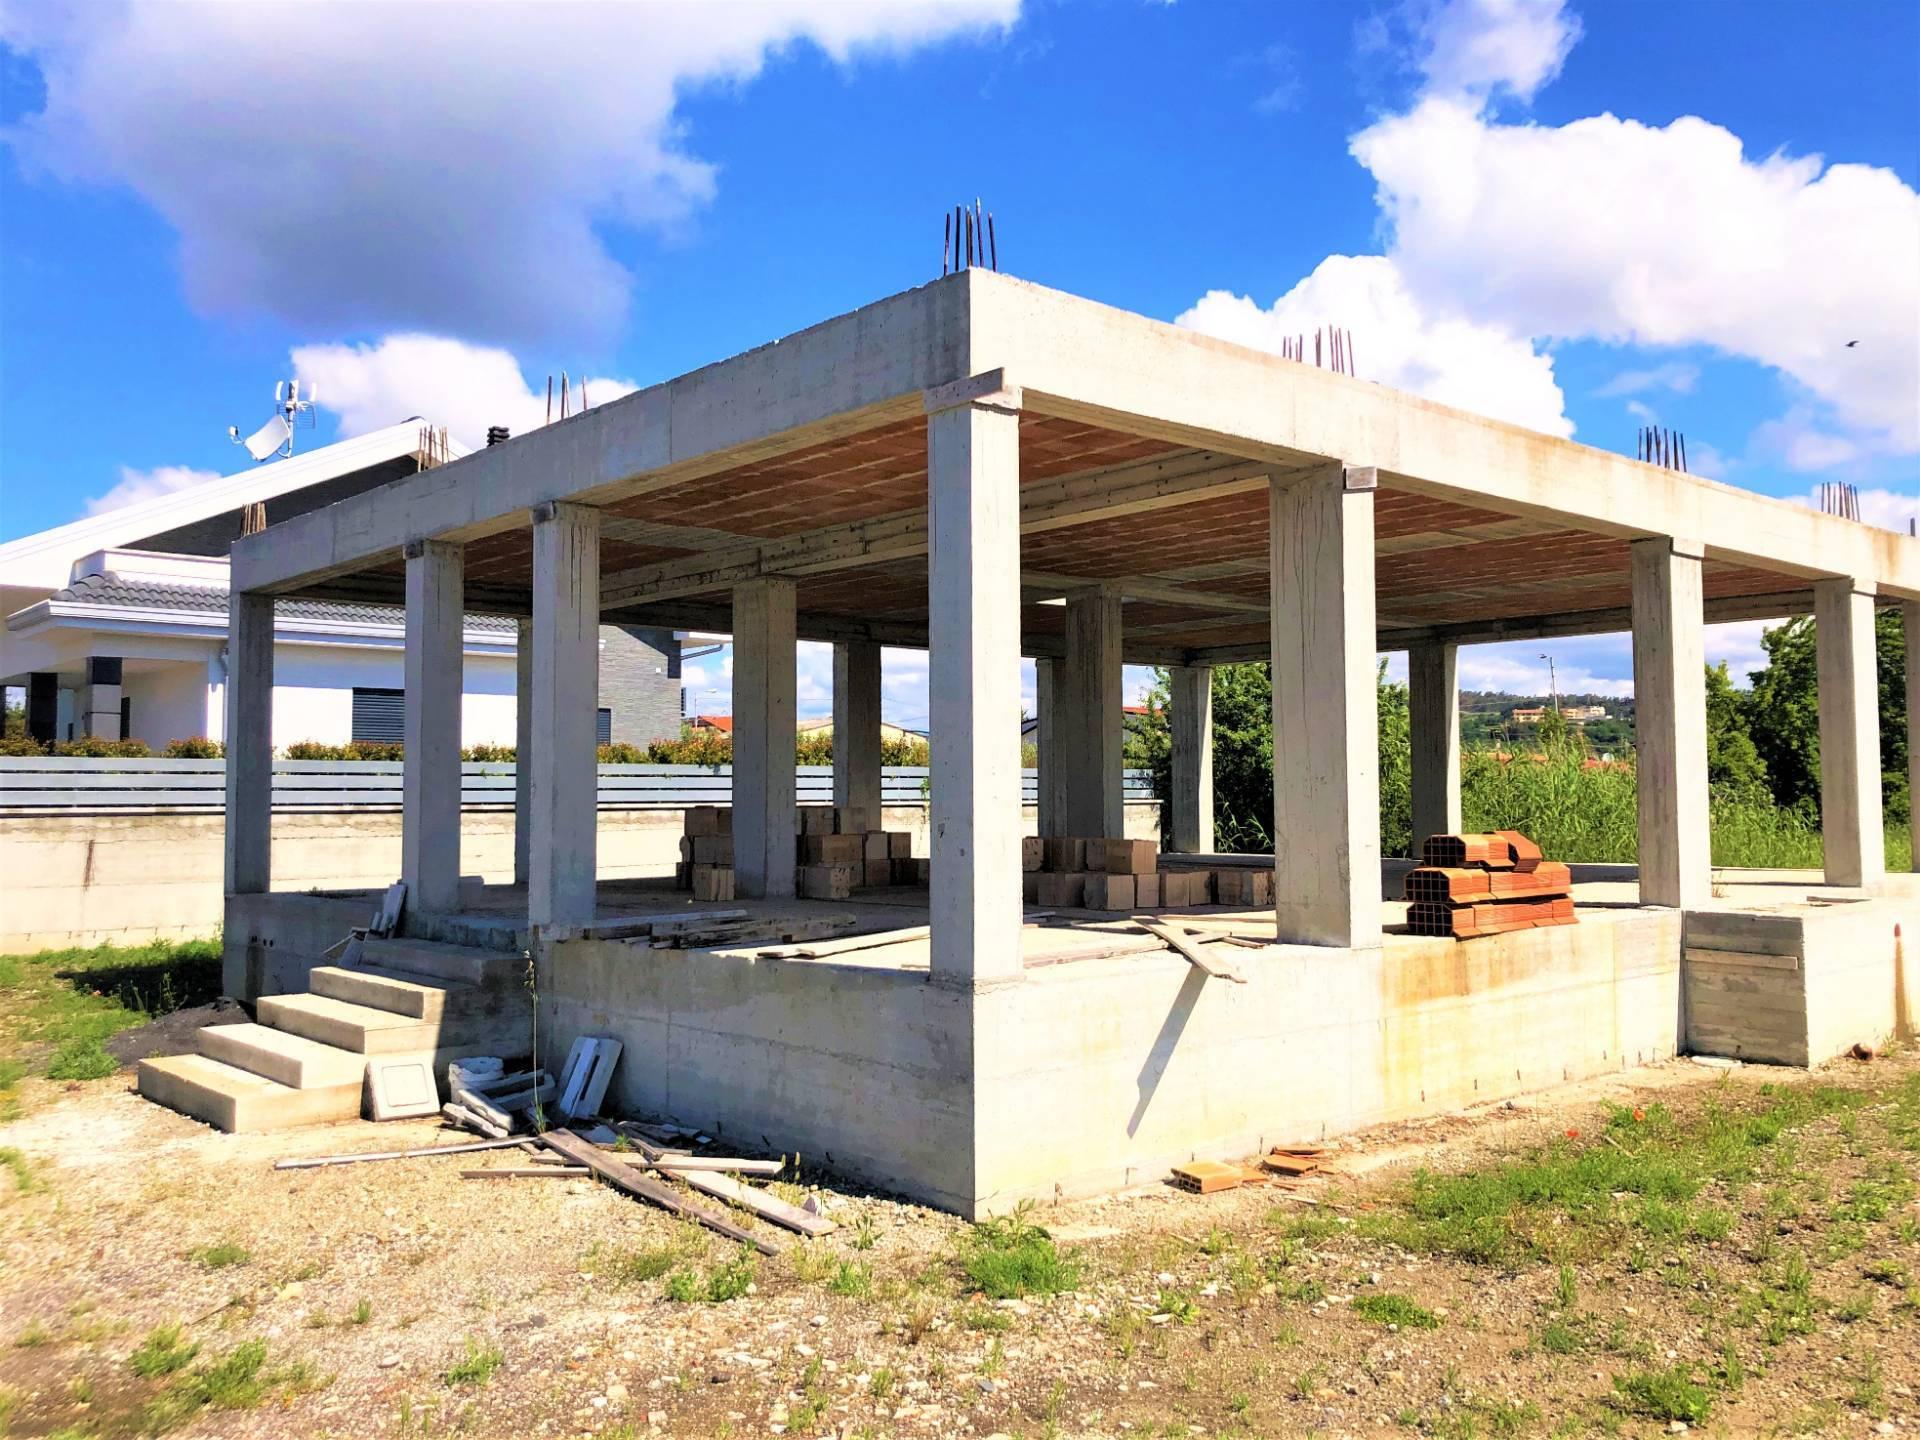 Villa in vendita a Borgia, 5 locali, zona Zona: Roccelletta, prezzo € 125.000   CambioCasa.it